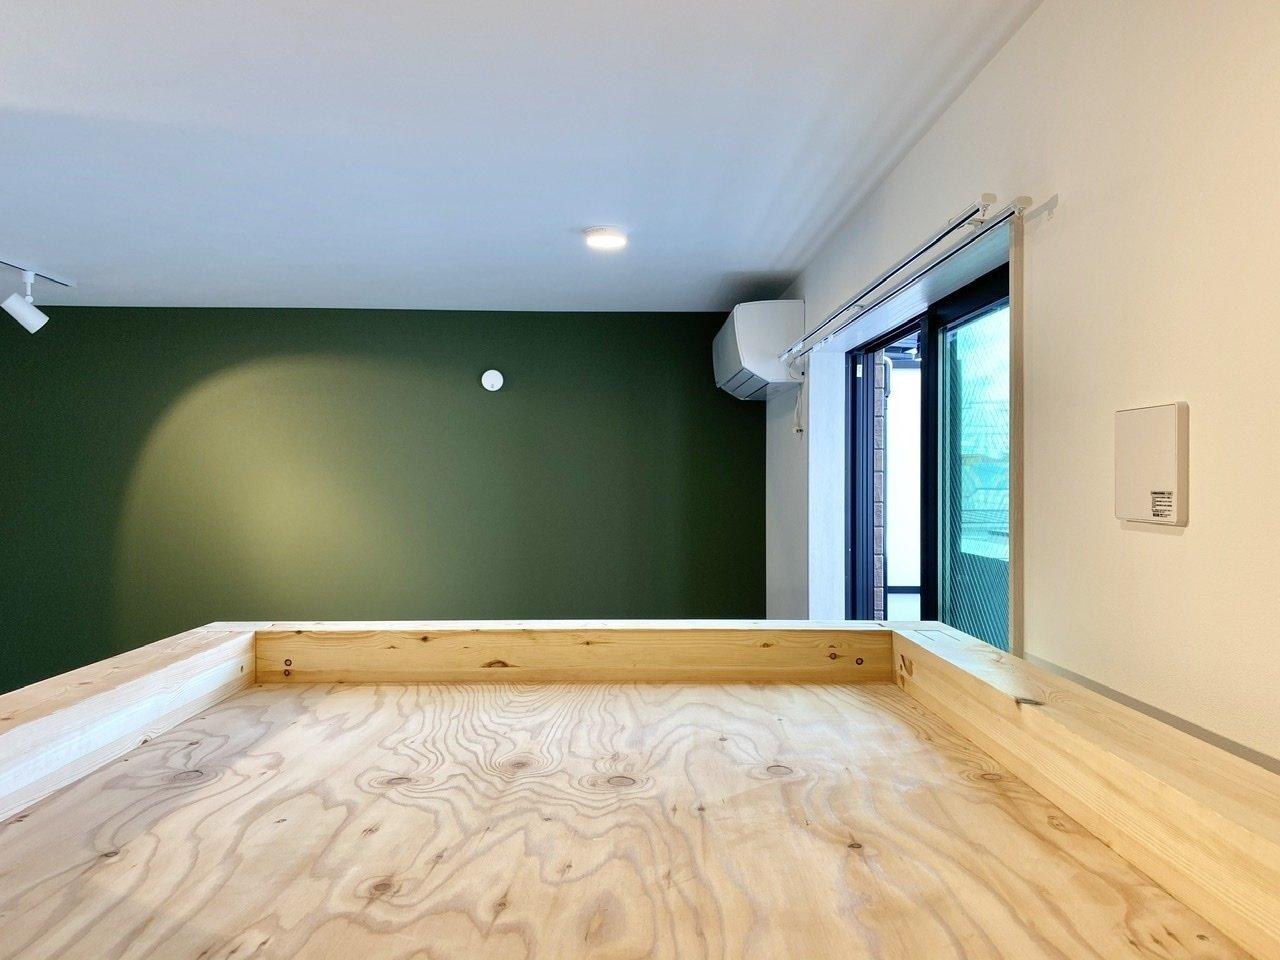 ロフト上はこのようなスペースに。厚めの布団をしっかり敷いて、ぐっすり眠れる環境づくりをすれば、下のスペースを有意義に使えますね。